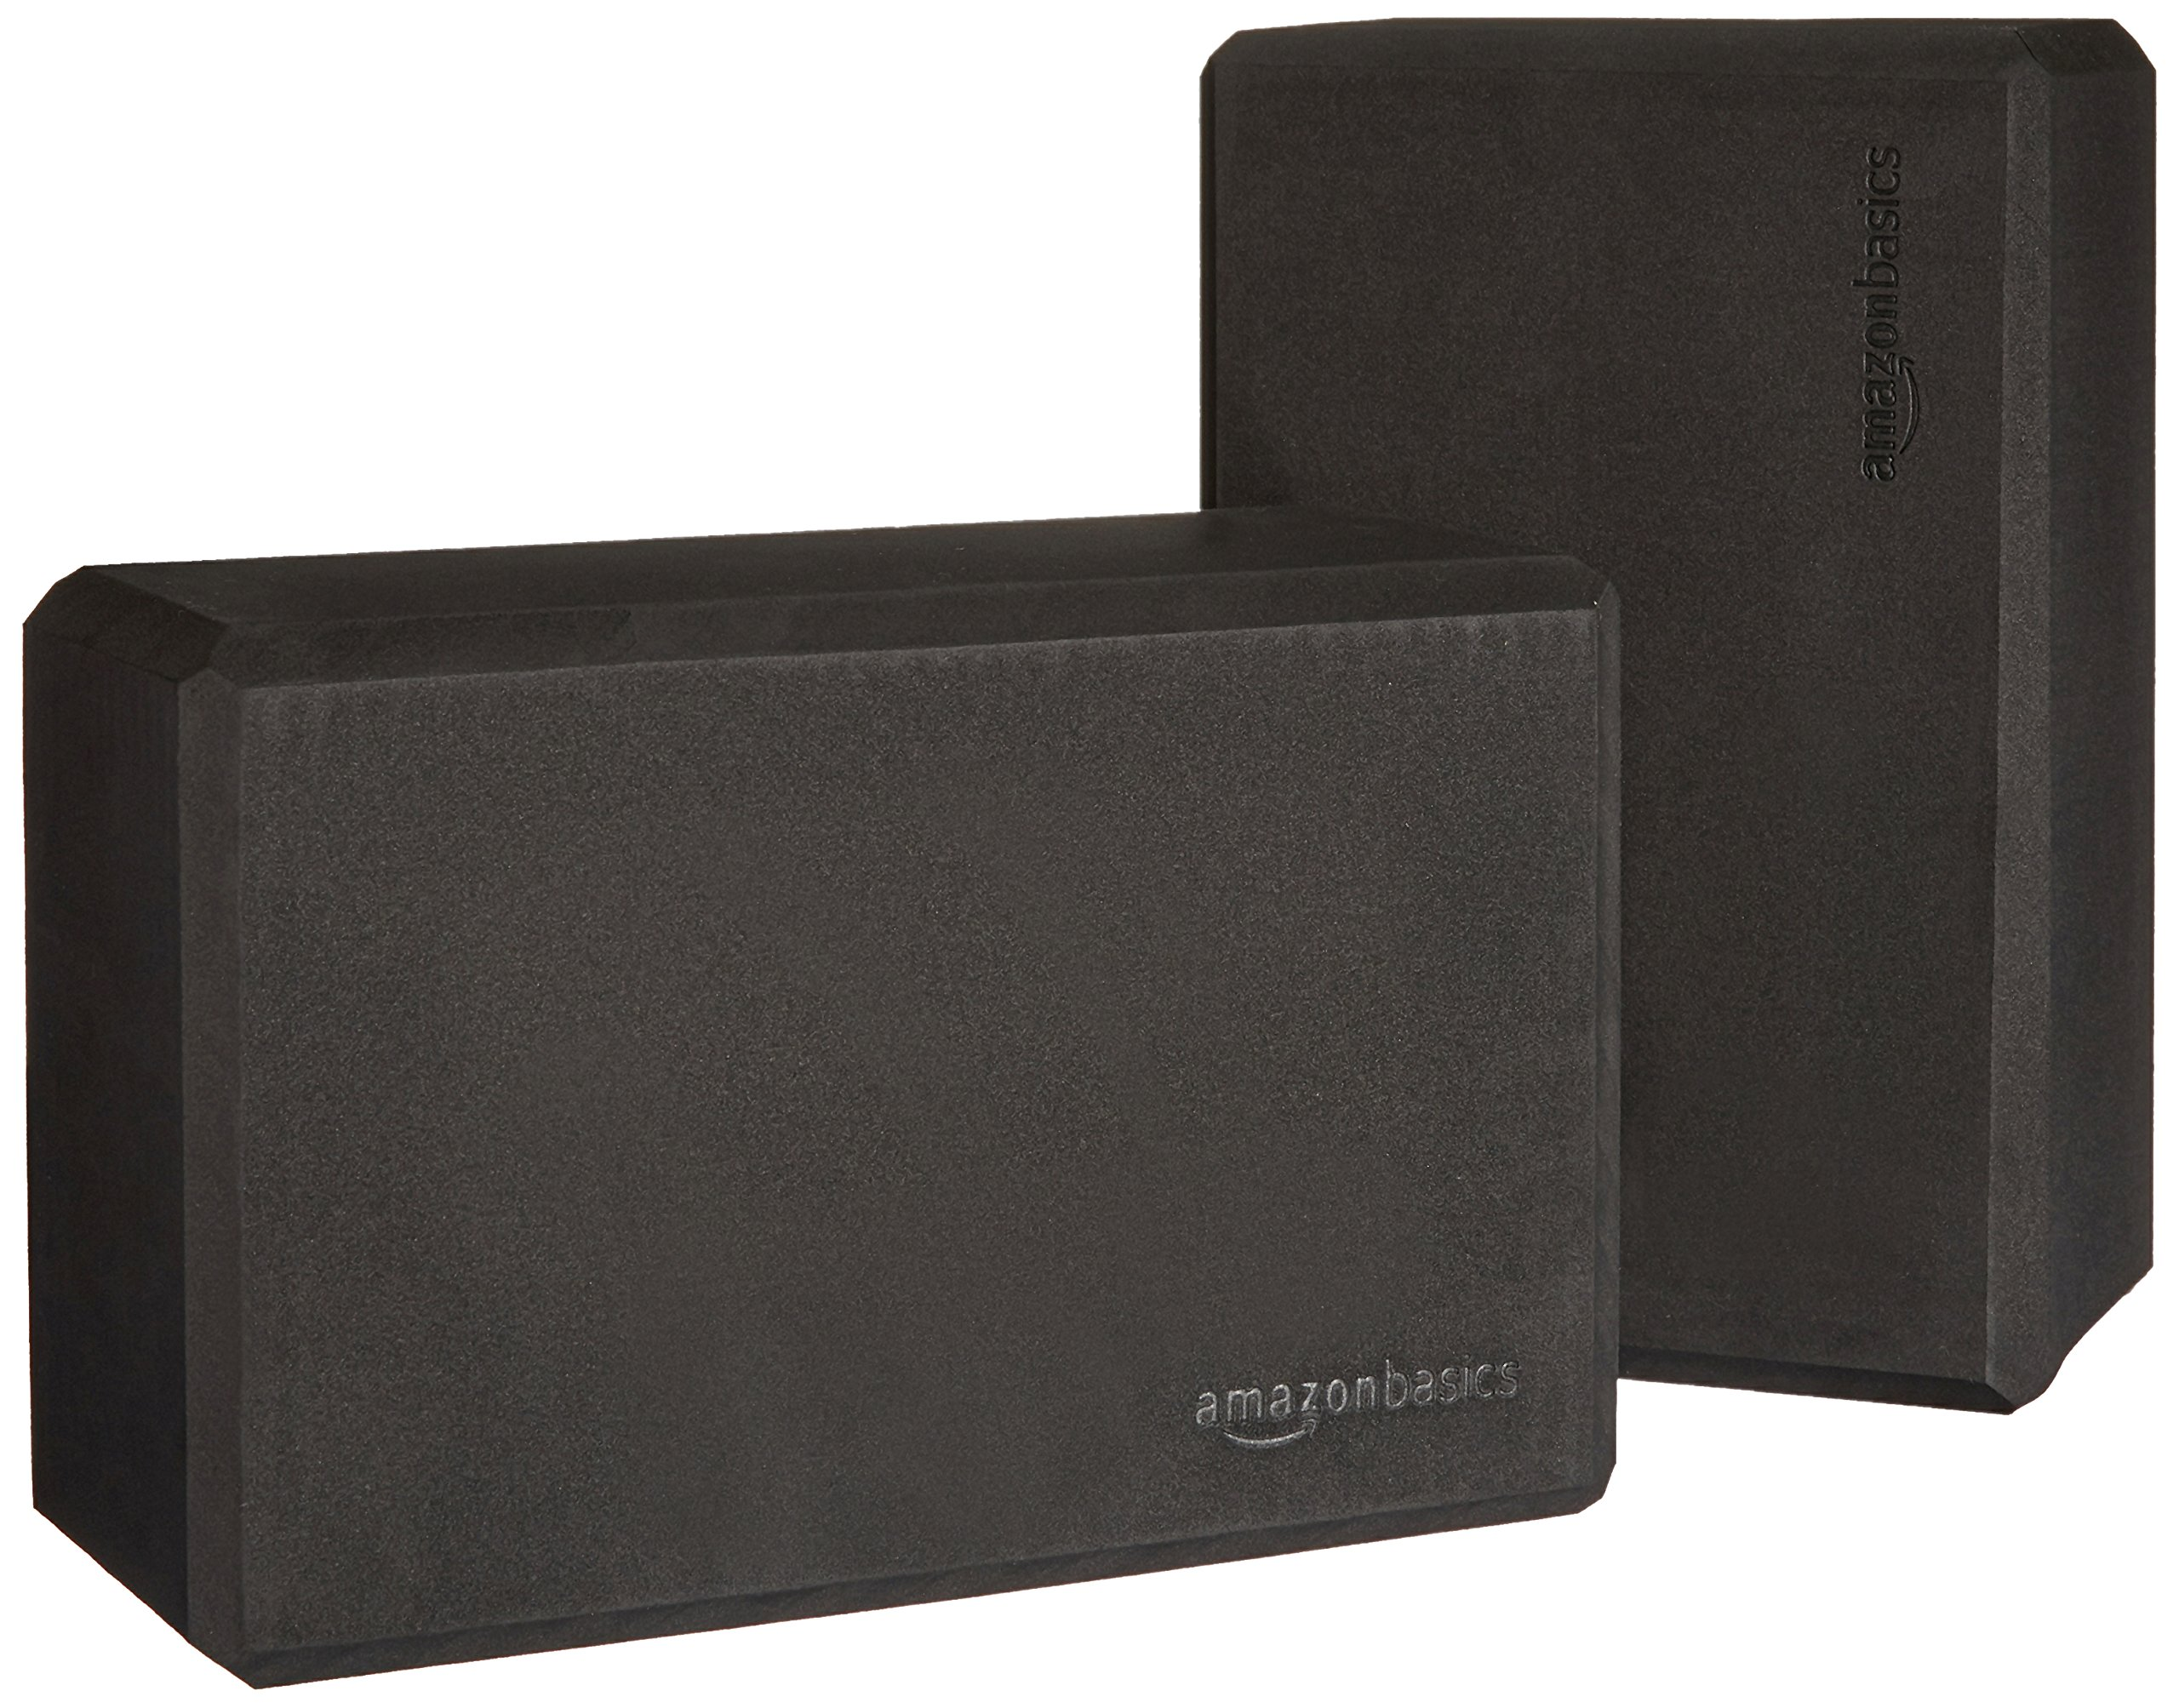 AmazonBasics Foam Yoga Blocks - 4 x 9 x 6 Inches, Set of 2, Black by AmazonBasics (Image #1)